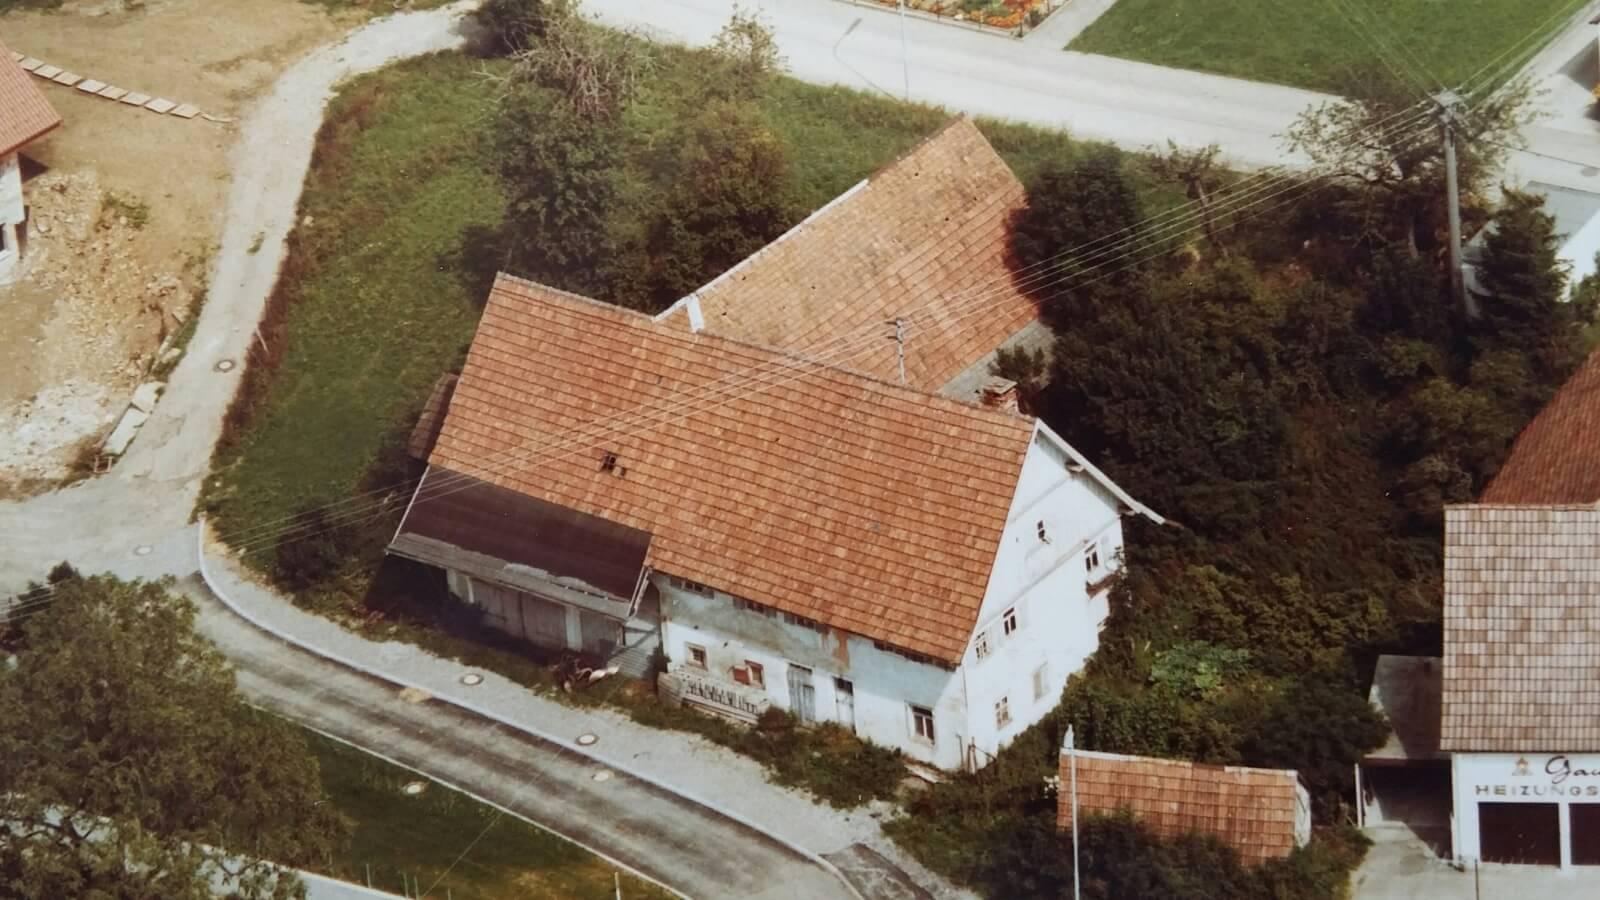 Luftbild des Abrisshauses von Familie Trik